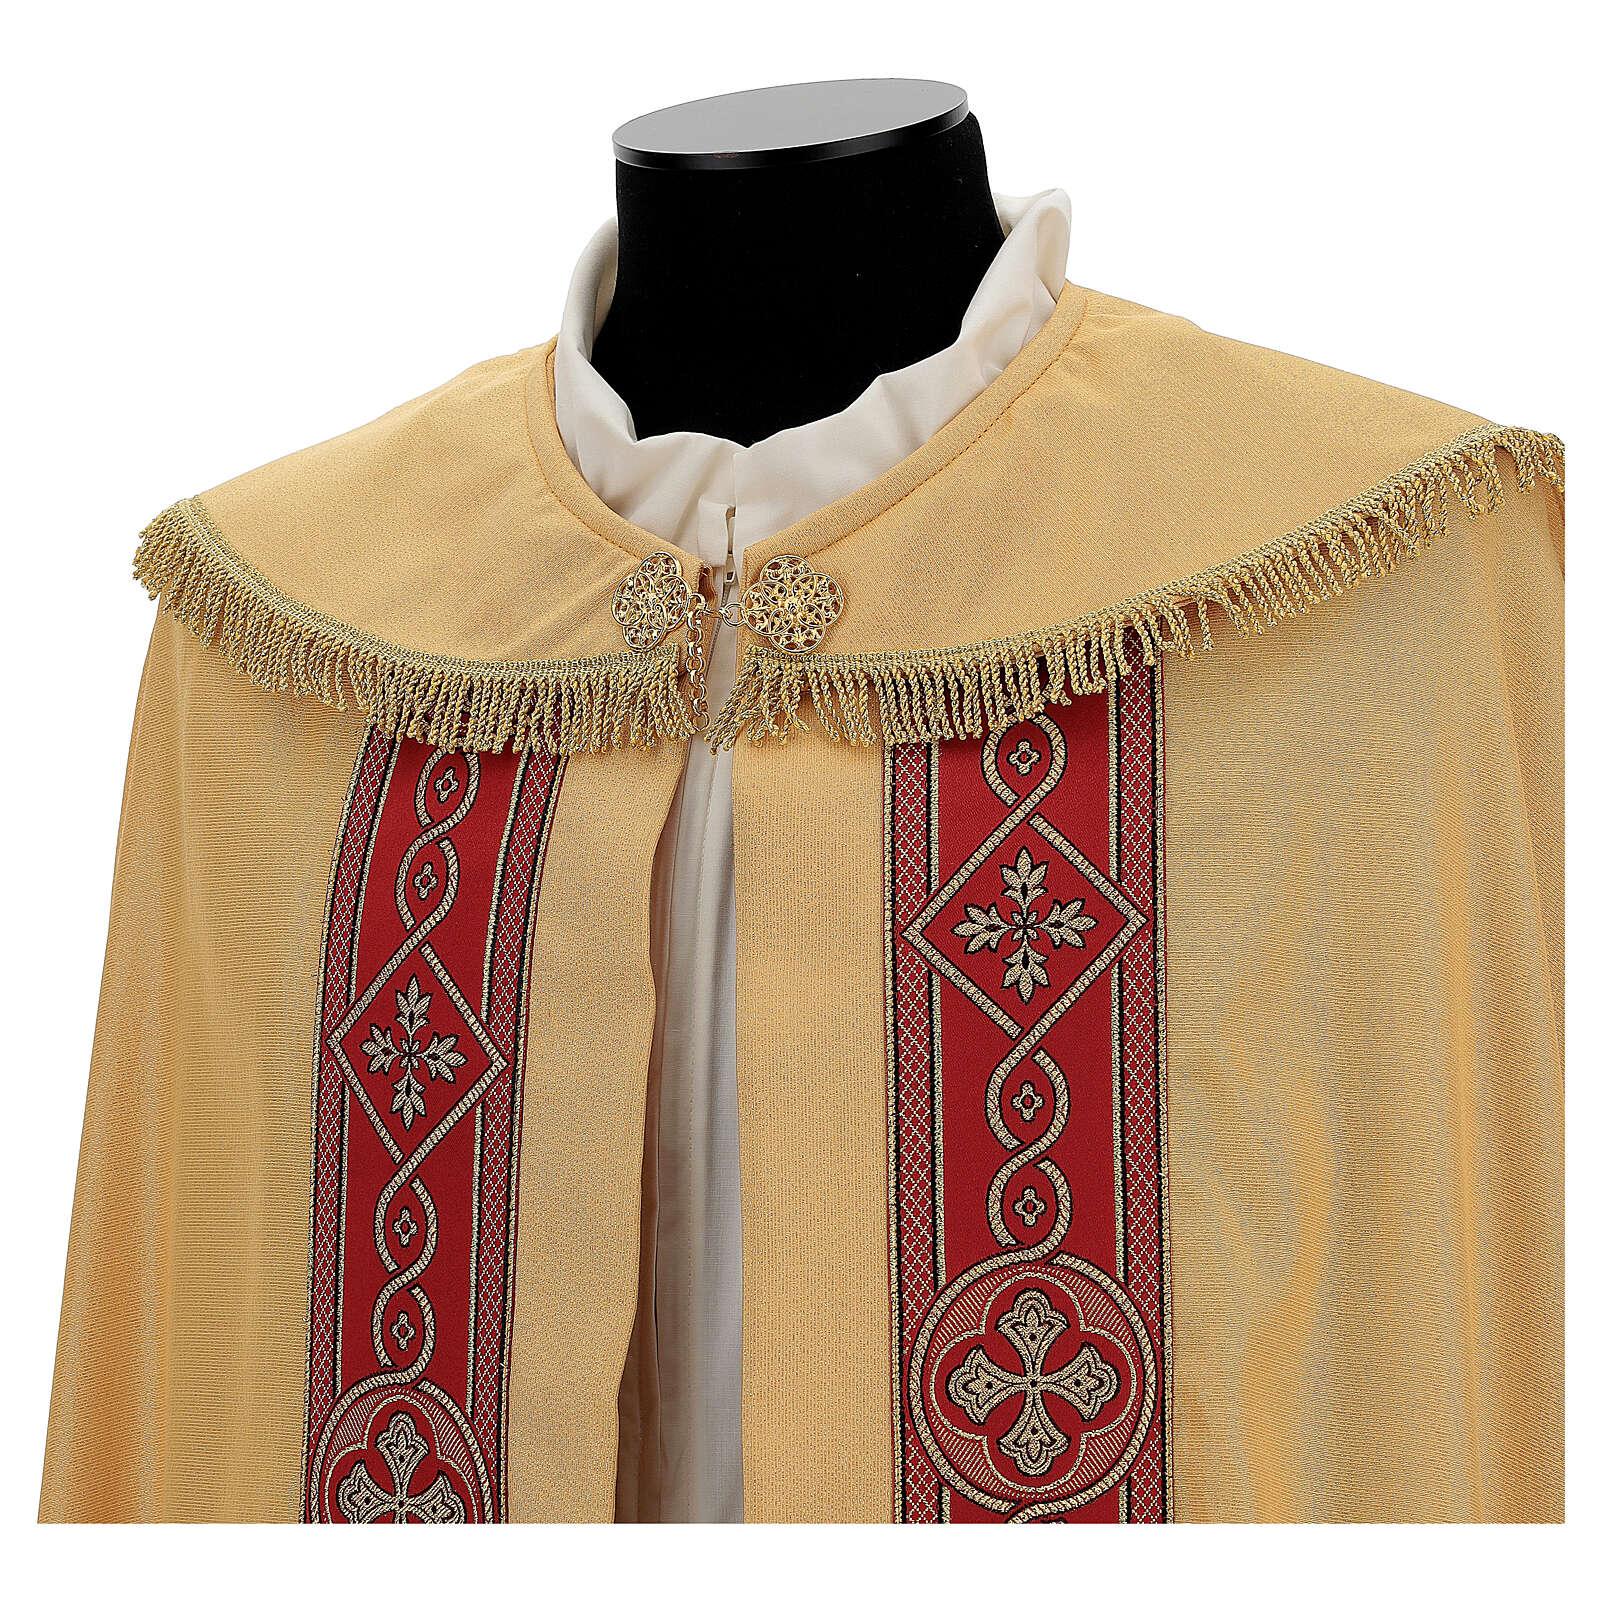 Capa pluvial lamé de poliéster y lana con entorchado aplicado 4